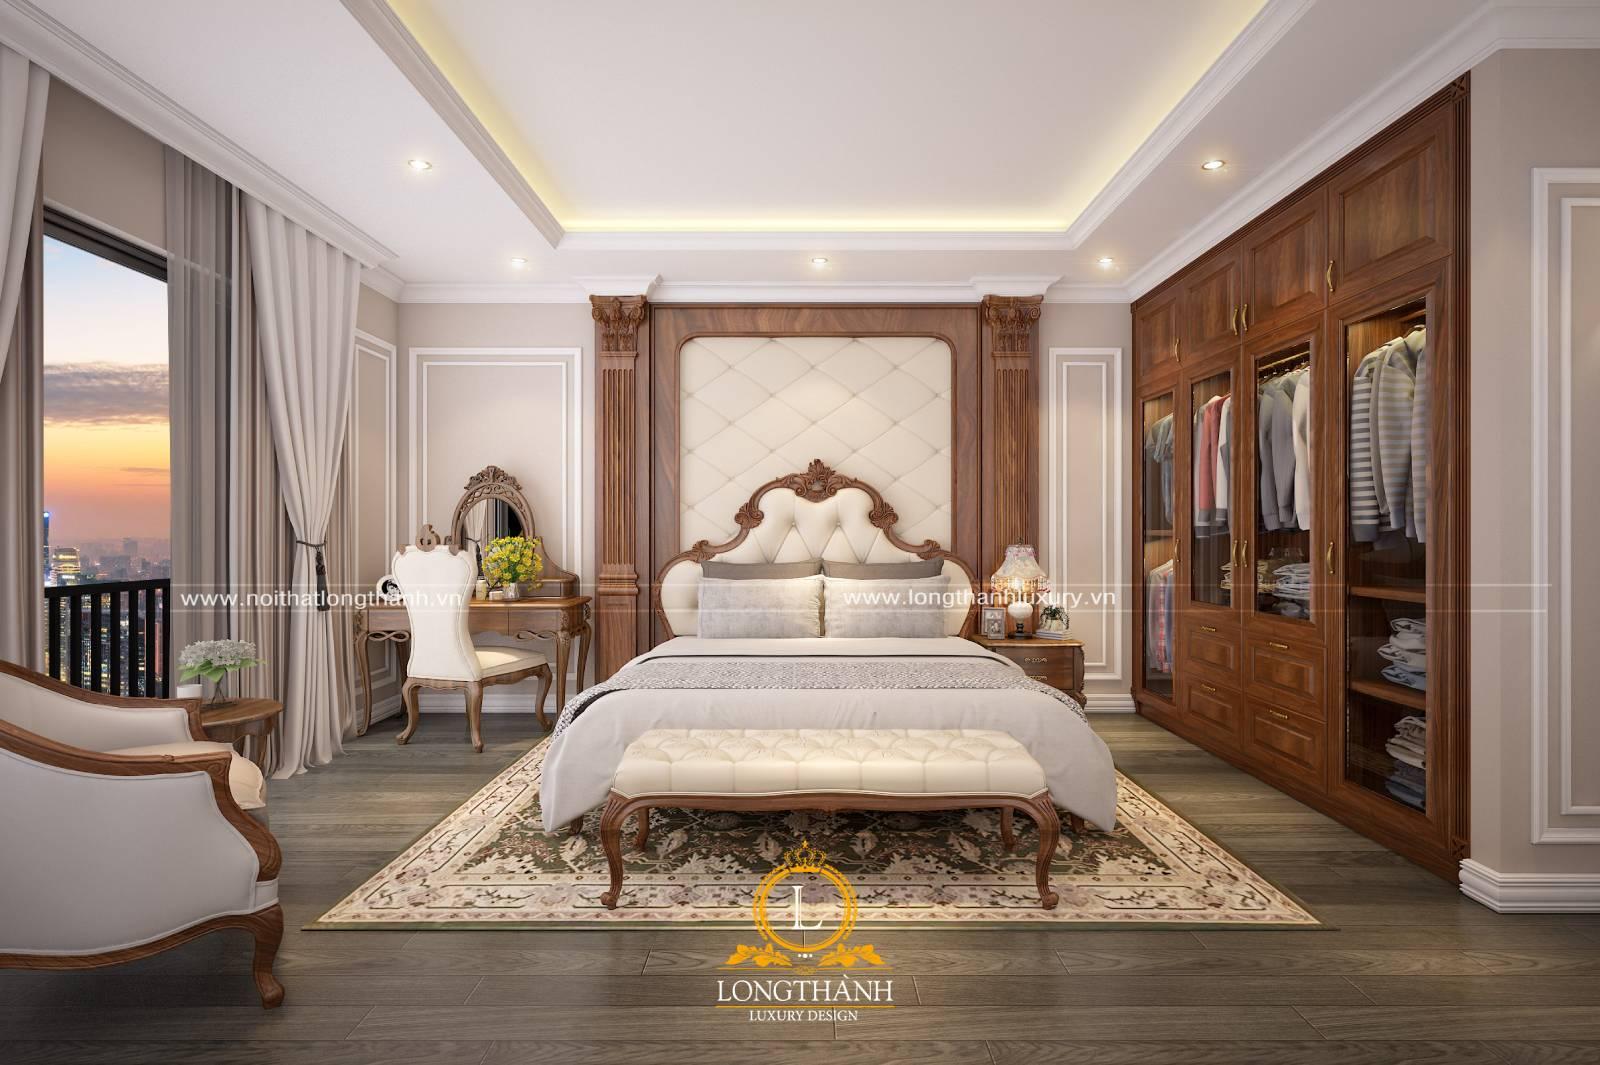 Nội thất phòng ngủ tạo nên vẻ đẹp cho không gian và khẳng định đẳng cấp của gia chủ